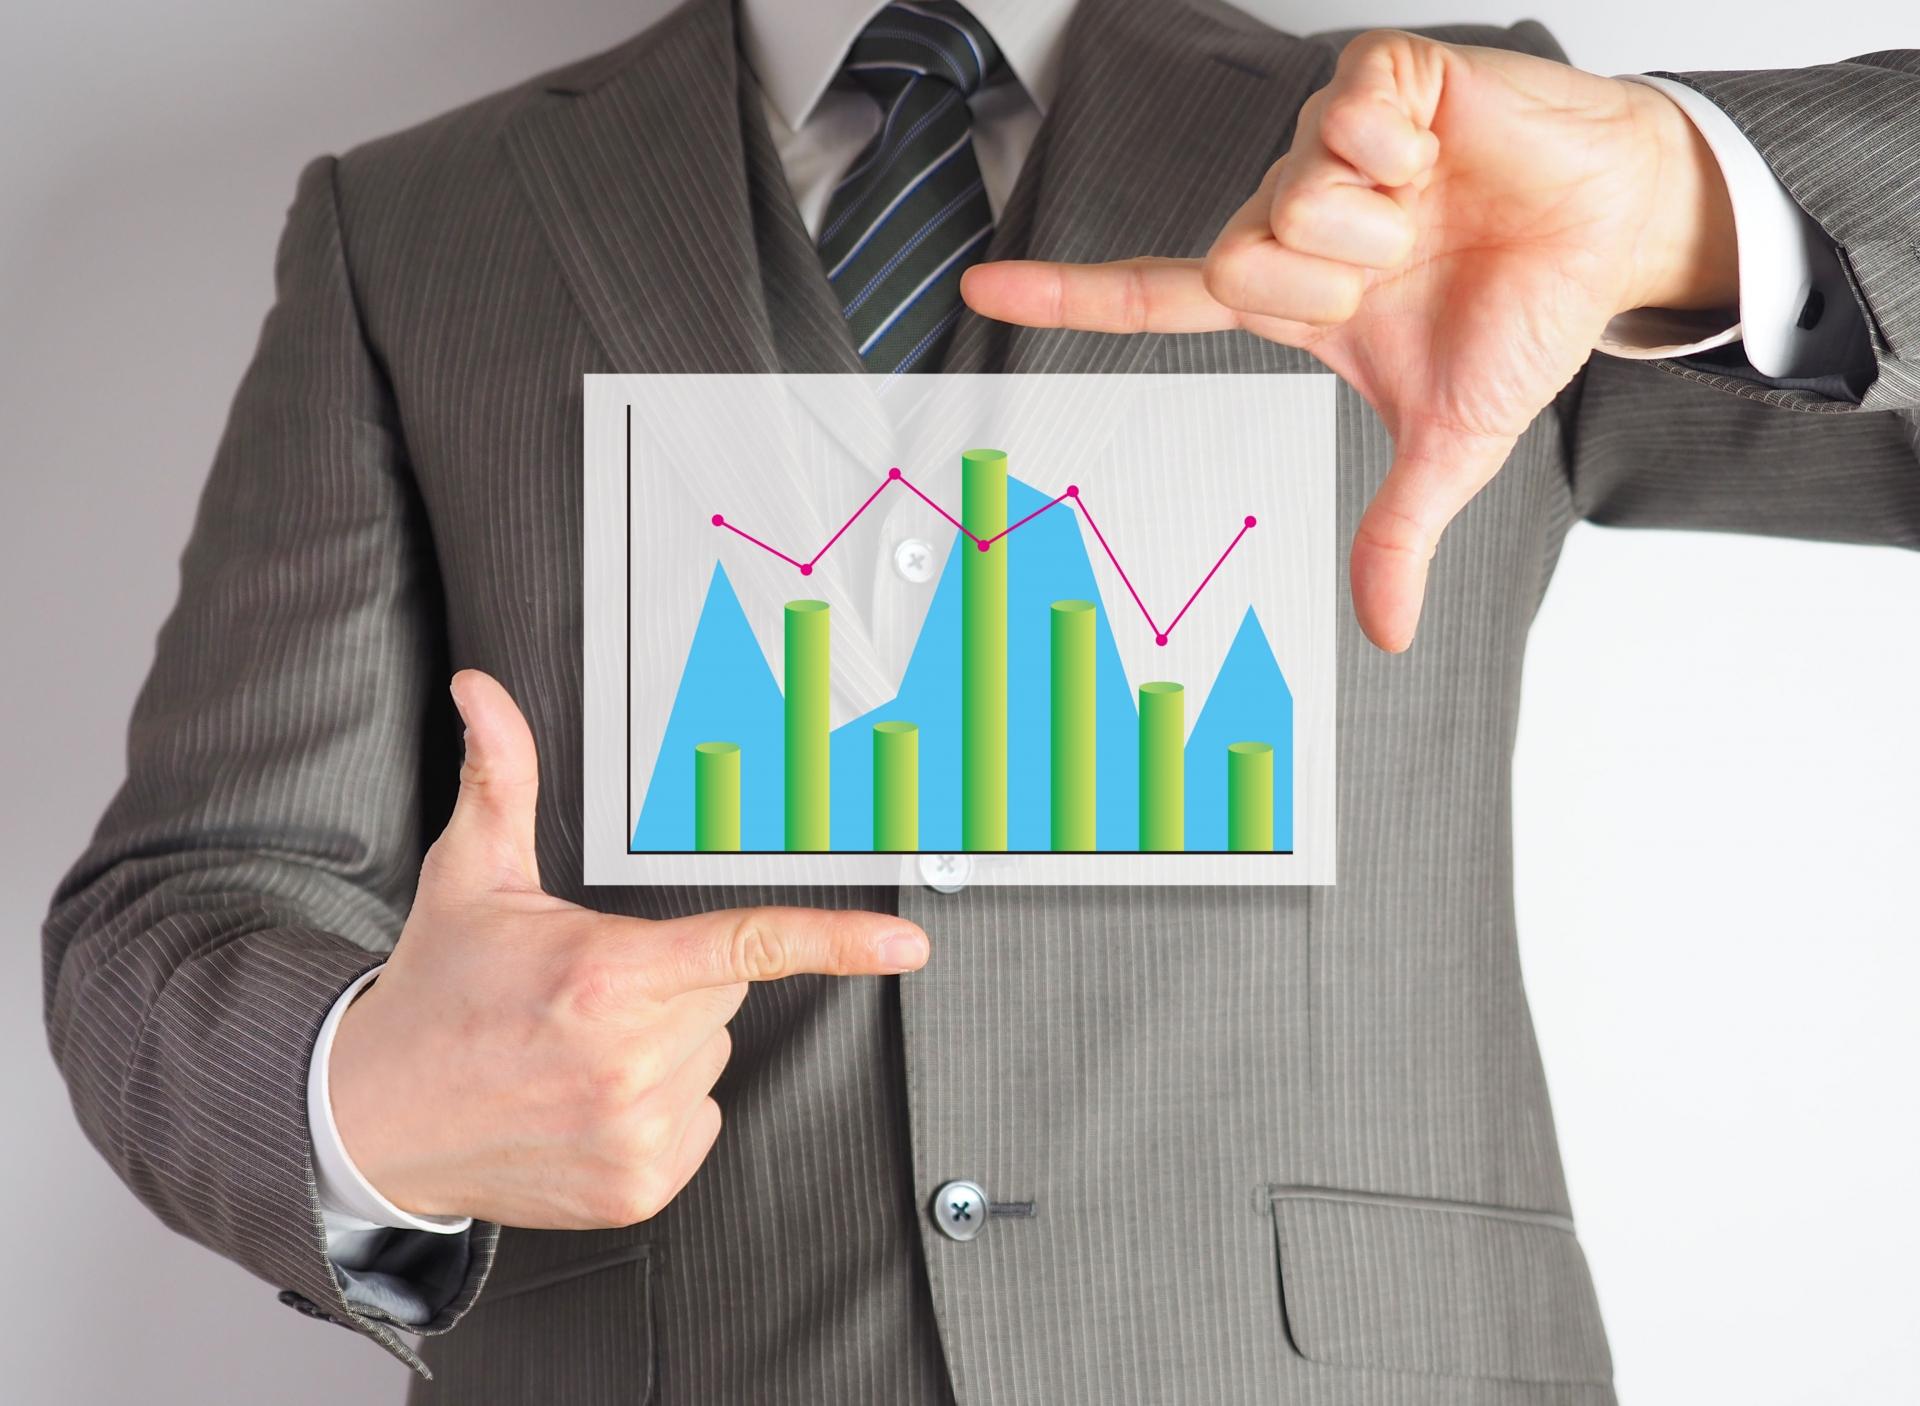 財務分析・投資計画セミナー 『いまこそ問われるあなたの経営、財務諸表をいかに活かすか』開催のご案内